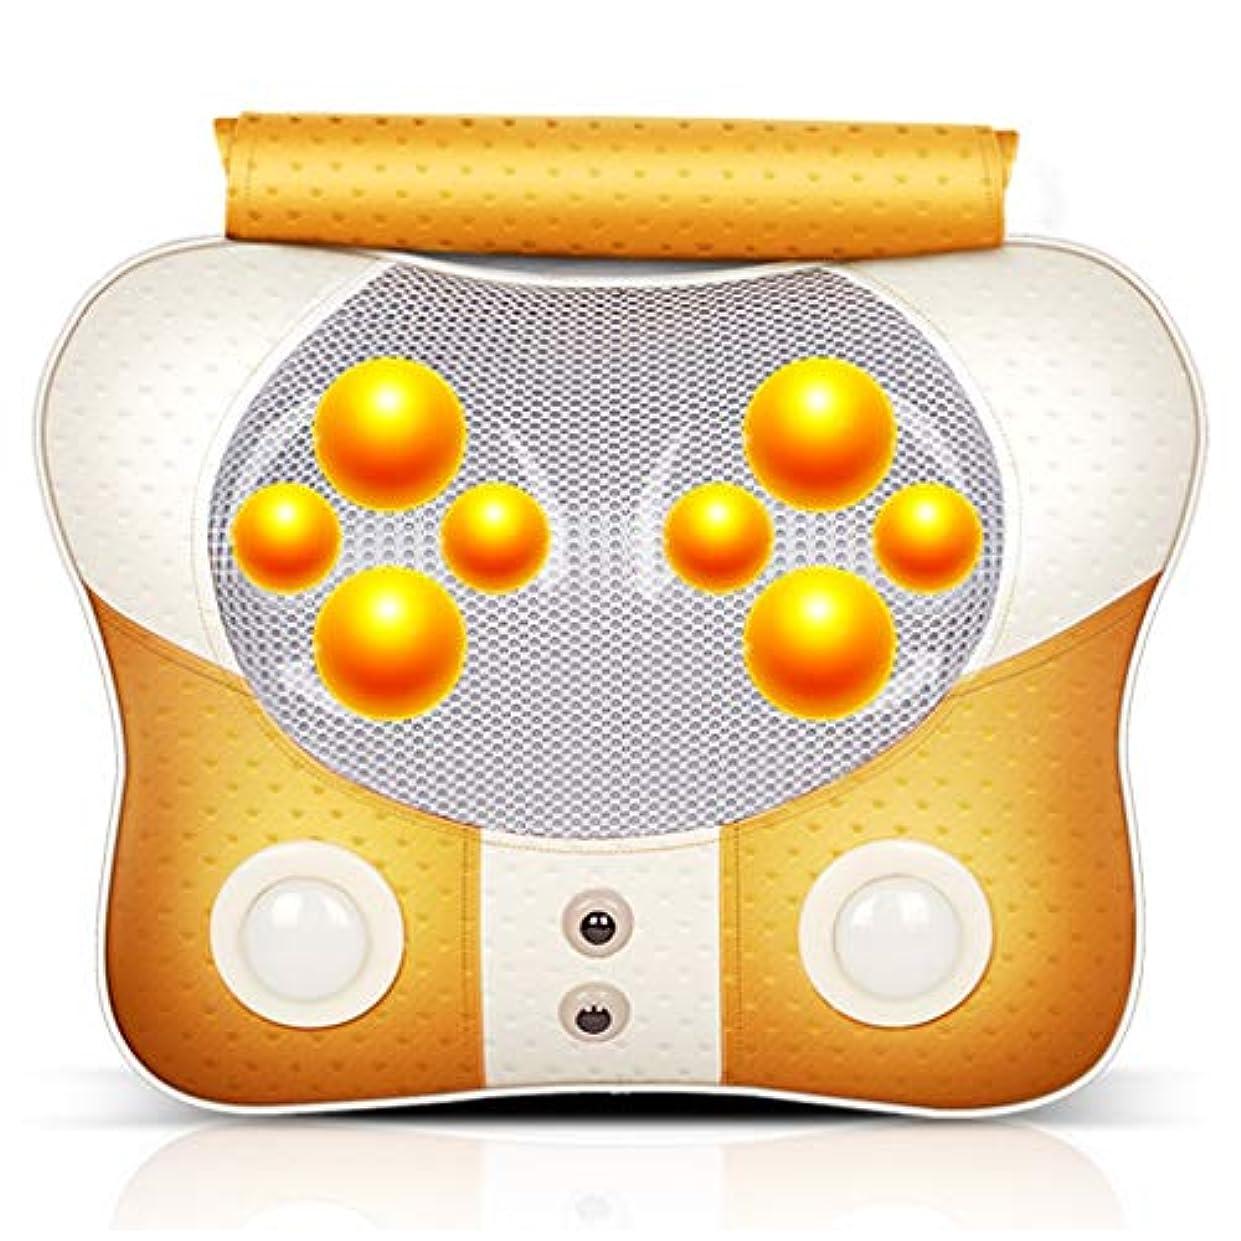 近々考案する考案するマッサージ電気の 加熱された 多目的 ネック 指圧 マッサージ 杭打ち ウエスト マッサージャー 子宮頸椎 マッサージピロー 全身 マッサージ クッション。 MAG.AL,イエロー